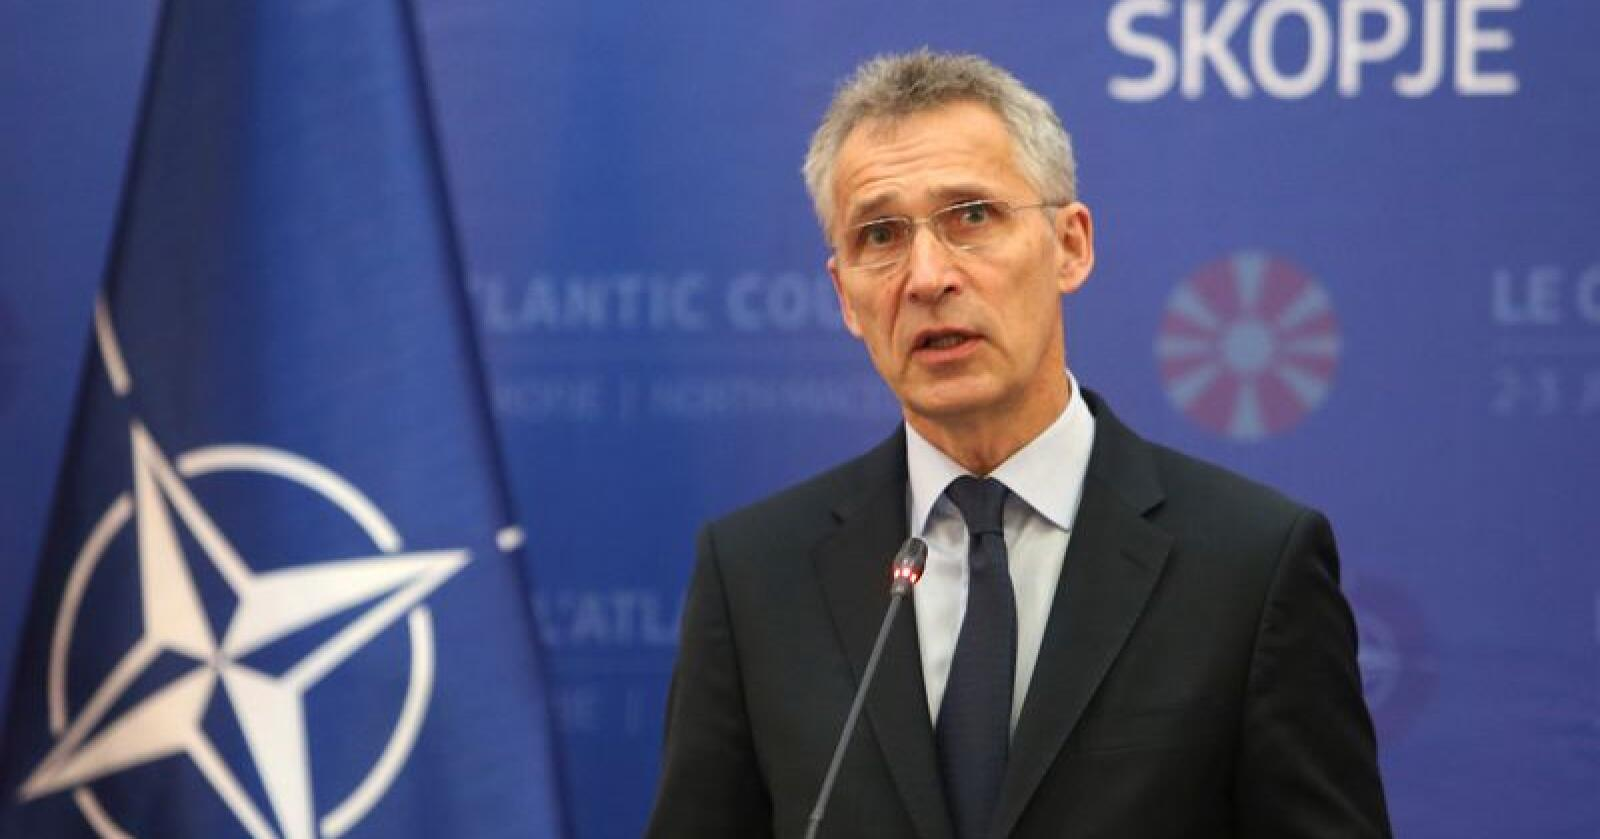 Det er bra Norge øker, men de fleste andre land øker mer, sier NATOs generalsekretær Jens Stoltenberg. Foto: Boris Grdanoski / AP.